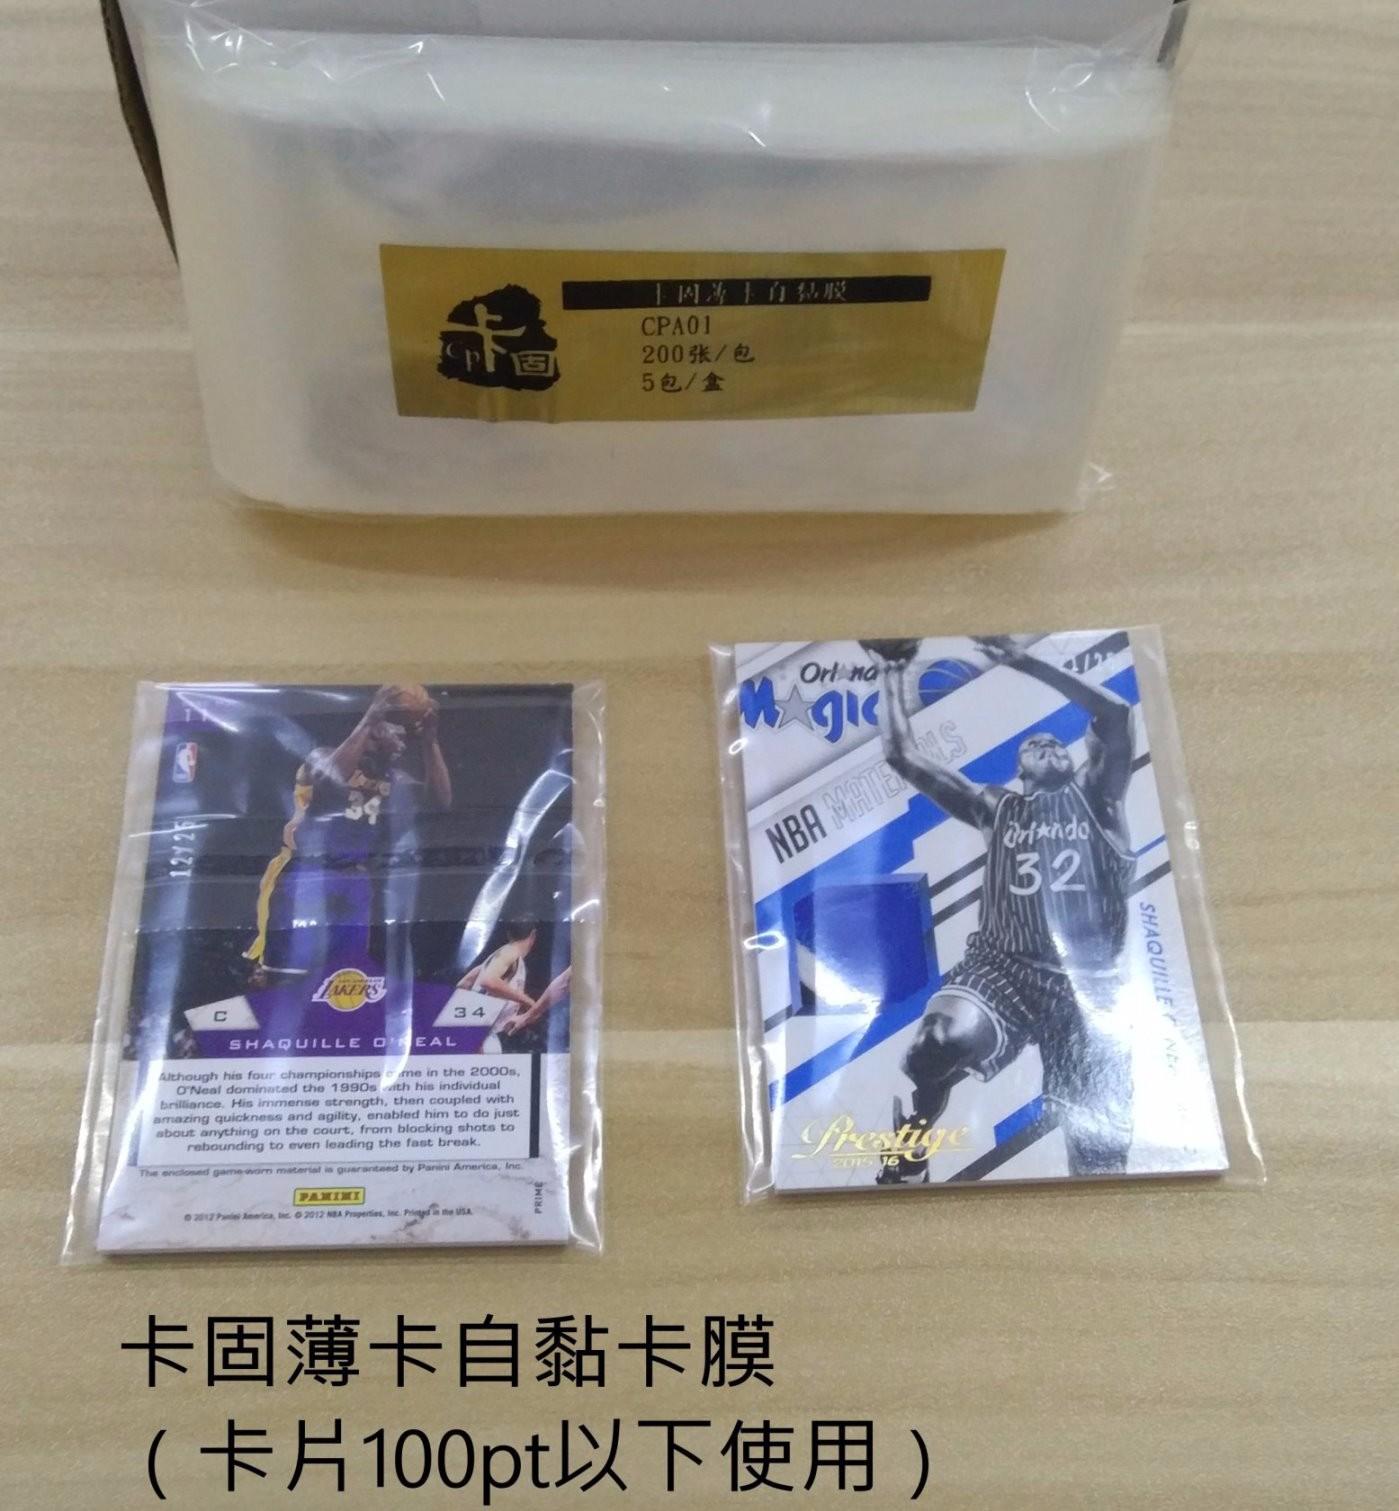 【卡固】CPA01 薄卡自粘膜 200张/包*5包一盒